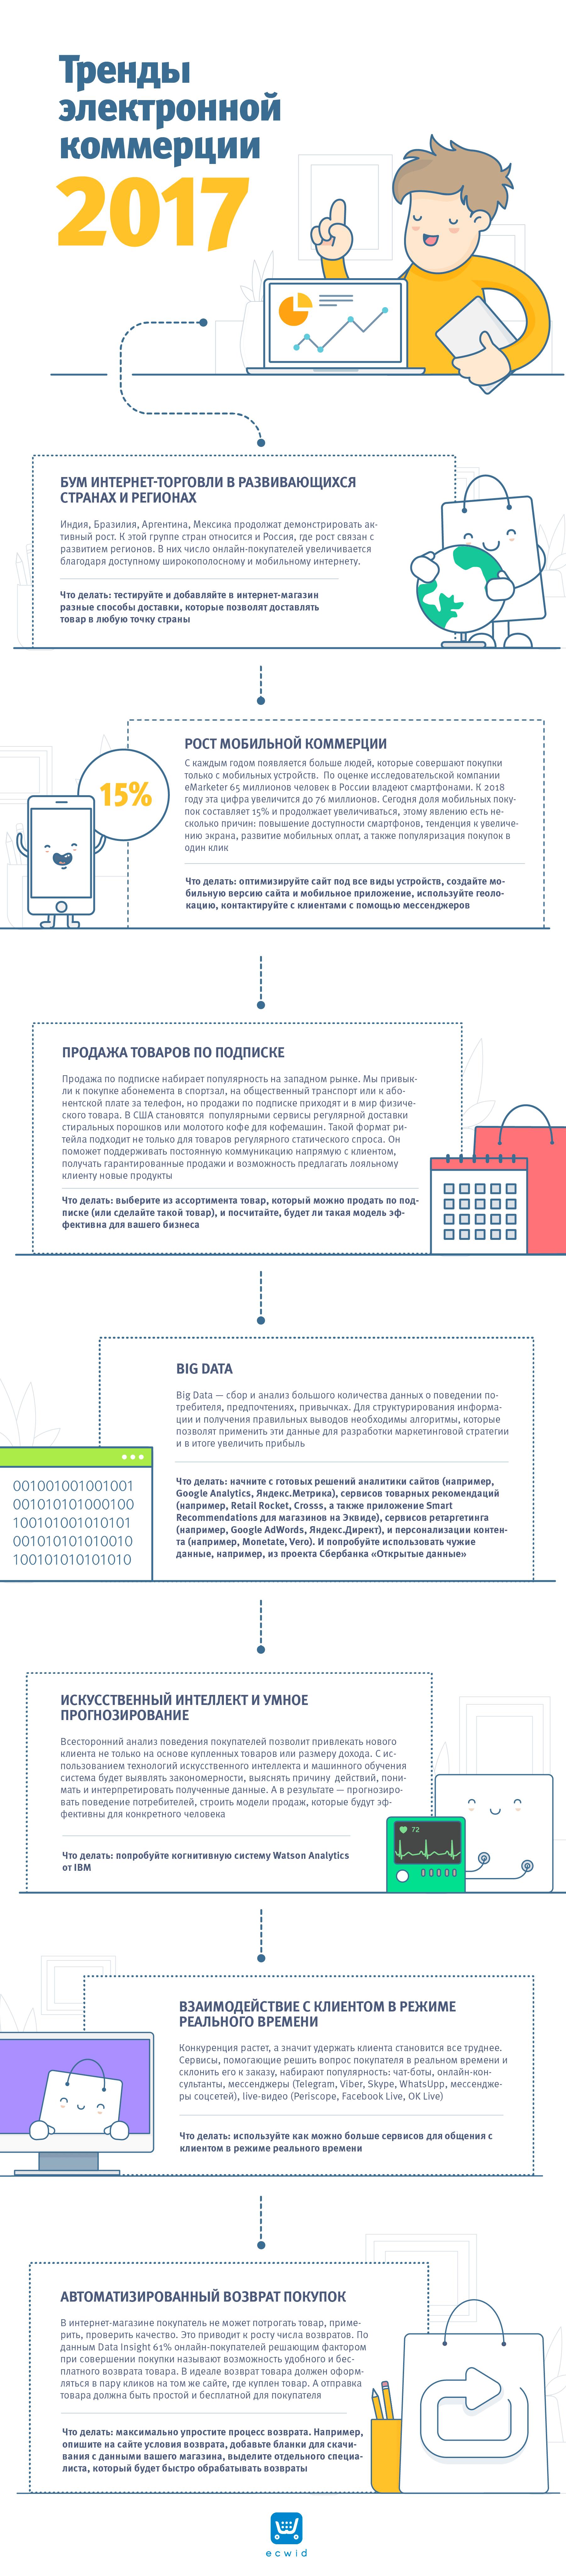 Тренды электронной коммерции 2017, инфографика